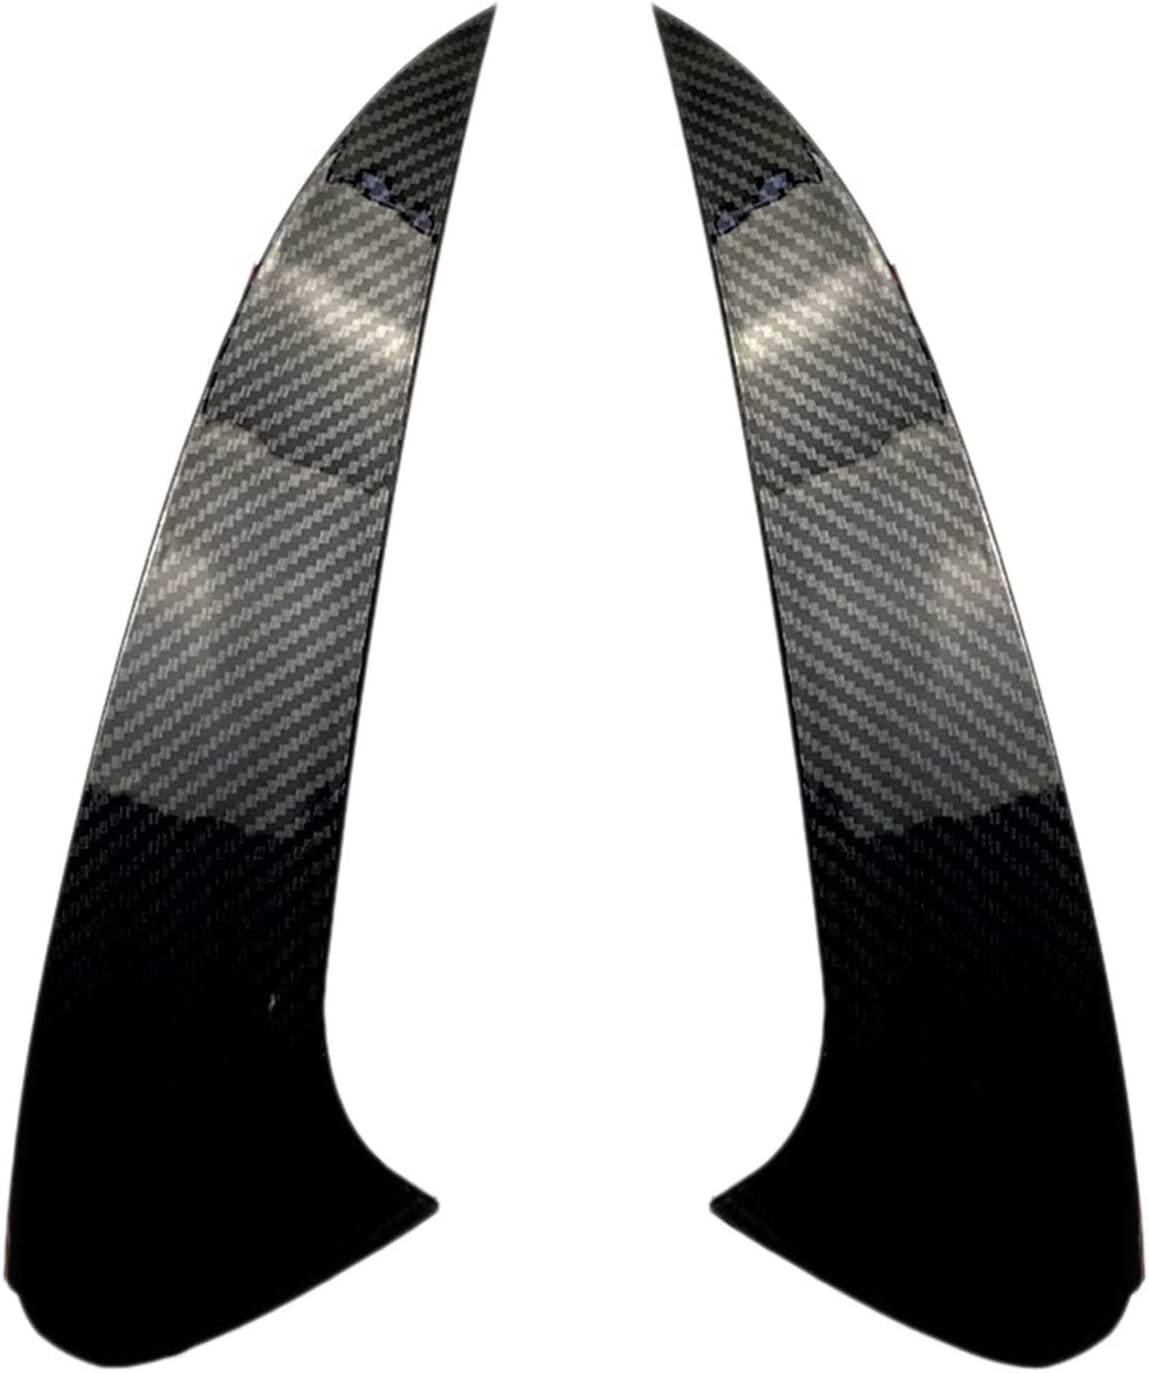 LIZCX Auto ABS Hecksch/ützer Splitter Spoiler Seitenfl/ügel Dekorative Abdeckung Fit f/ür Mercedes Benz Gle Coupe C292 2015-2018 Color : Bright Black